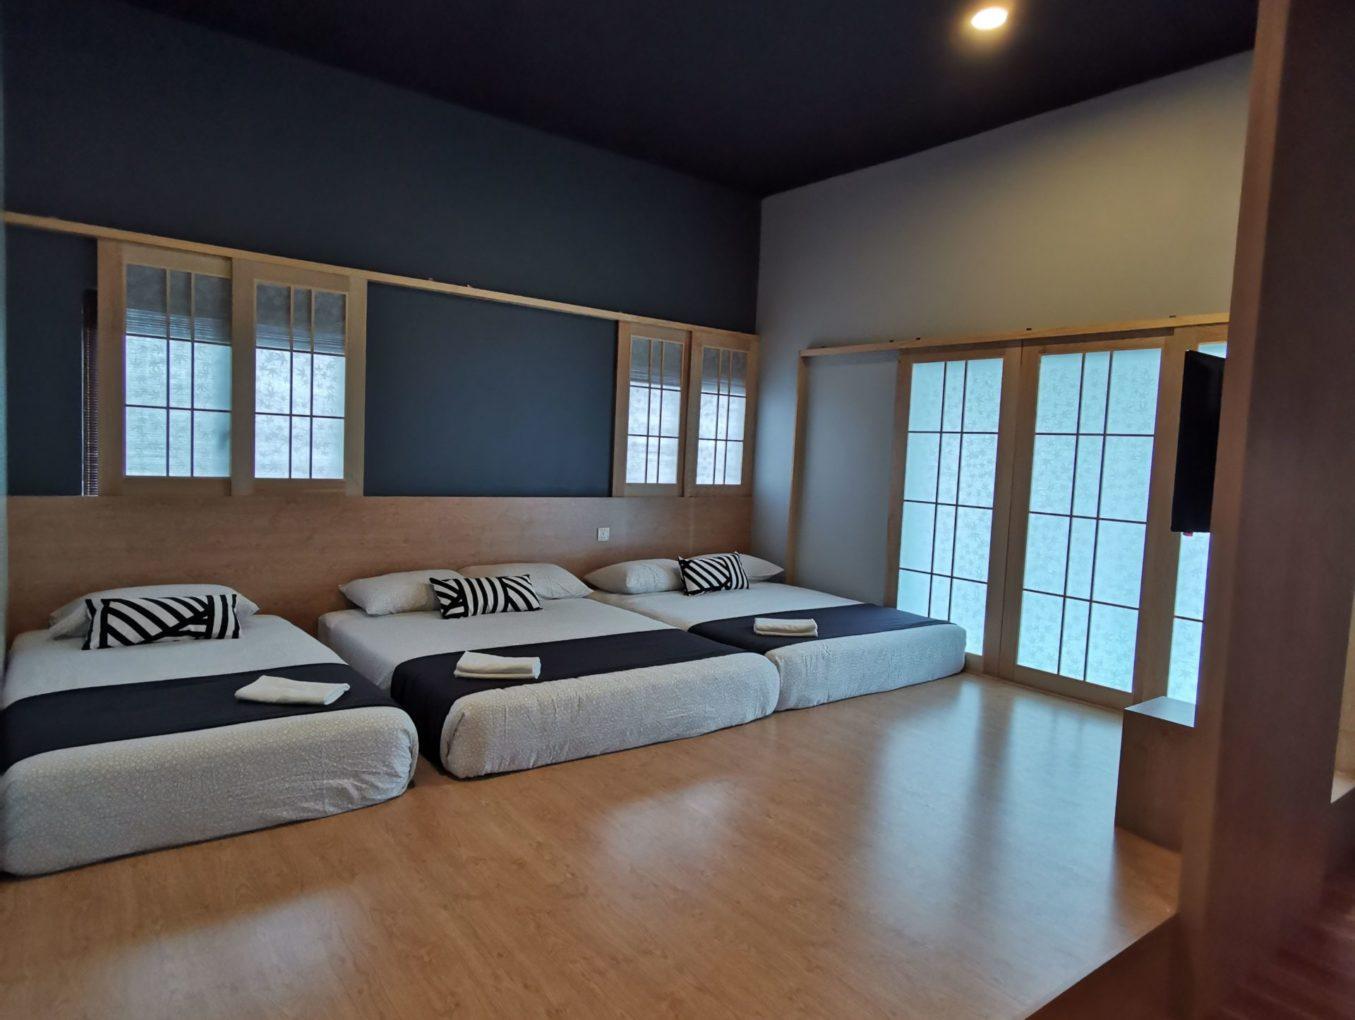 Japanese Family Room